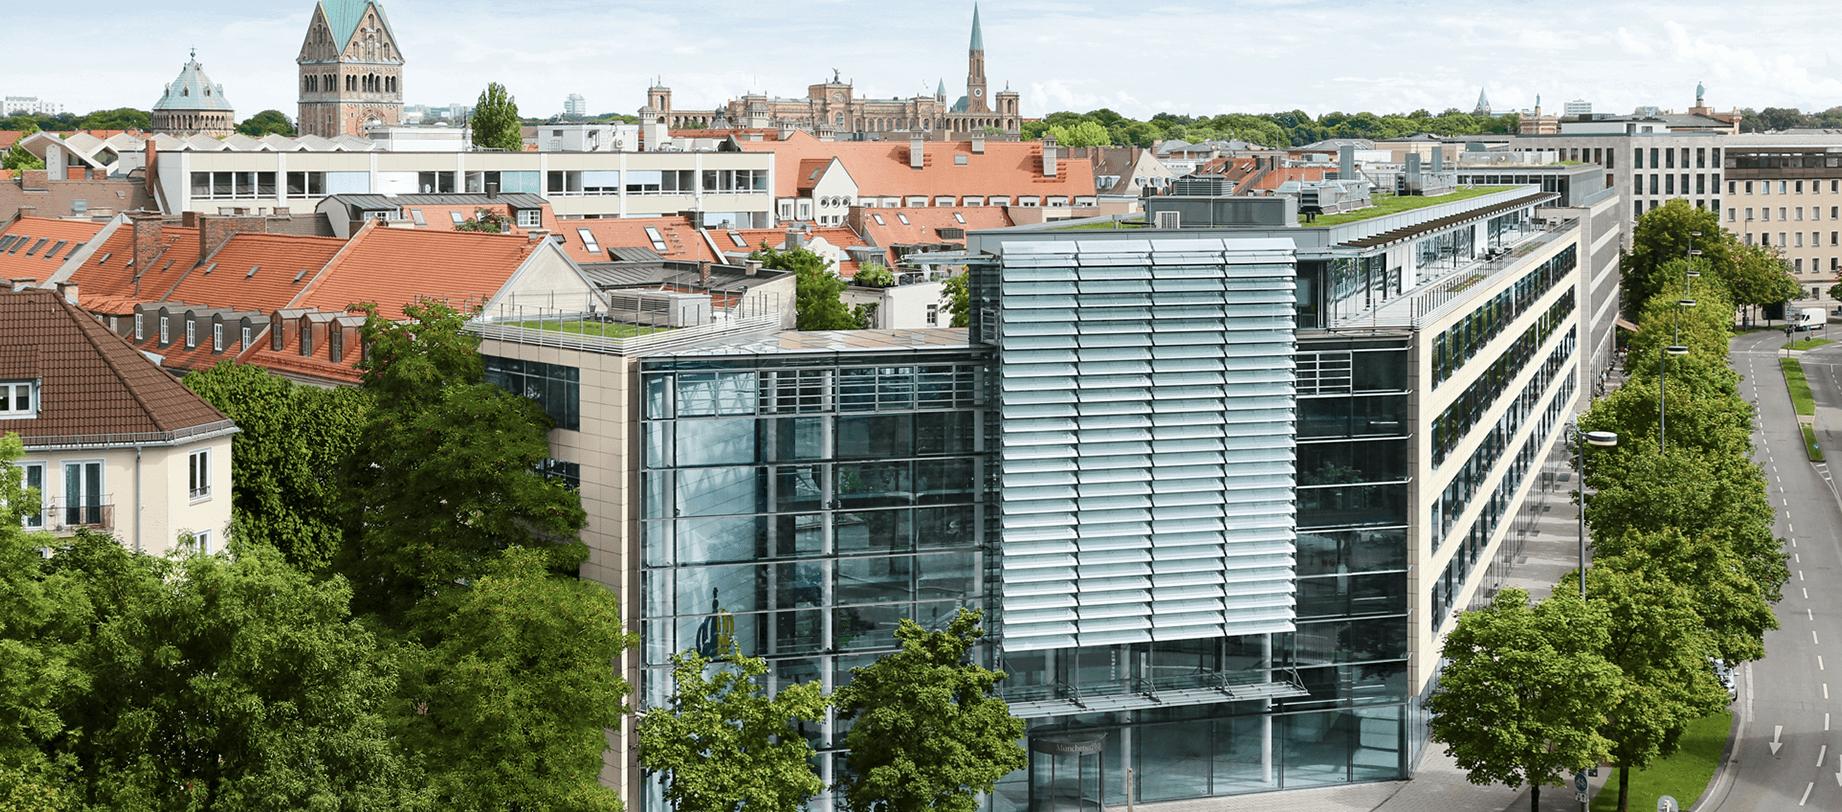 Stadtansicht München, Migrationsprojekt valantic bei der Münchner Hypothekenbank